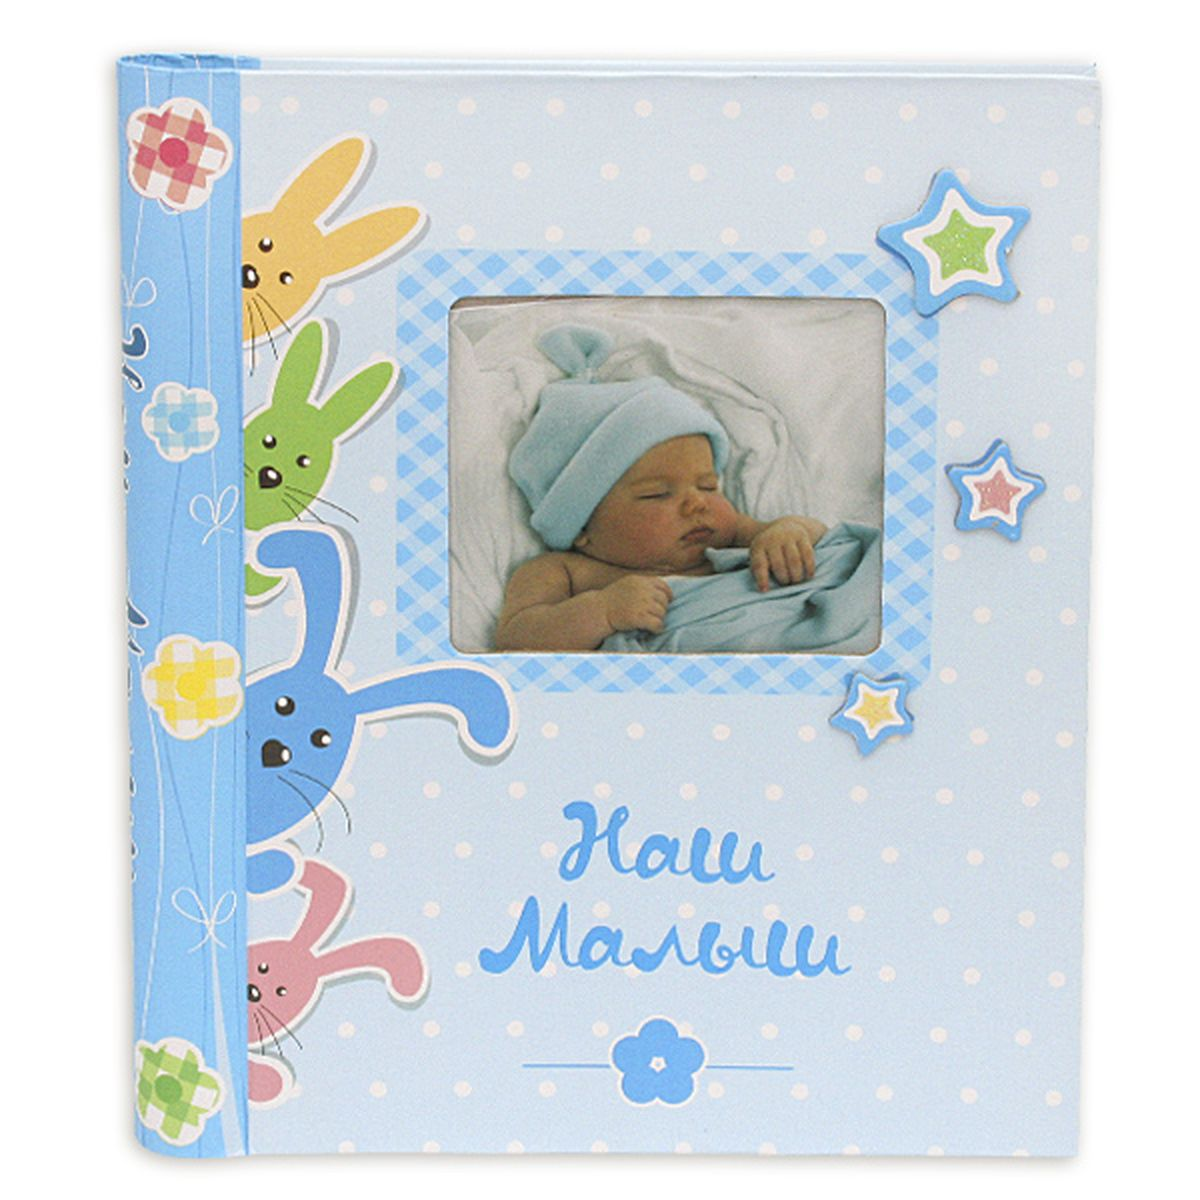 Фотокнига Pioneer Our Baby 6, 23 x 28 см. 46427 FA12194 WF-022/194_коричневыйФотокнига Pioneer Our Baby 6 позволит вам запечатлеть моменты жизни вашего ребенка. Изделие выполнено из картона и плотной бумаги, может быть использована для создания памятного альбома в технике скрапбукинг. В книге находится 20 страниц-анкет для заполнения и рамка для фото. Всего внутри может быть расположено 20 фото. Тип скрепления: спиральФормат фотографий: 23 х 28 смМатериал страниц: бумагаТип страниц: магнитный